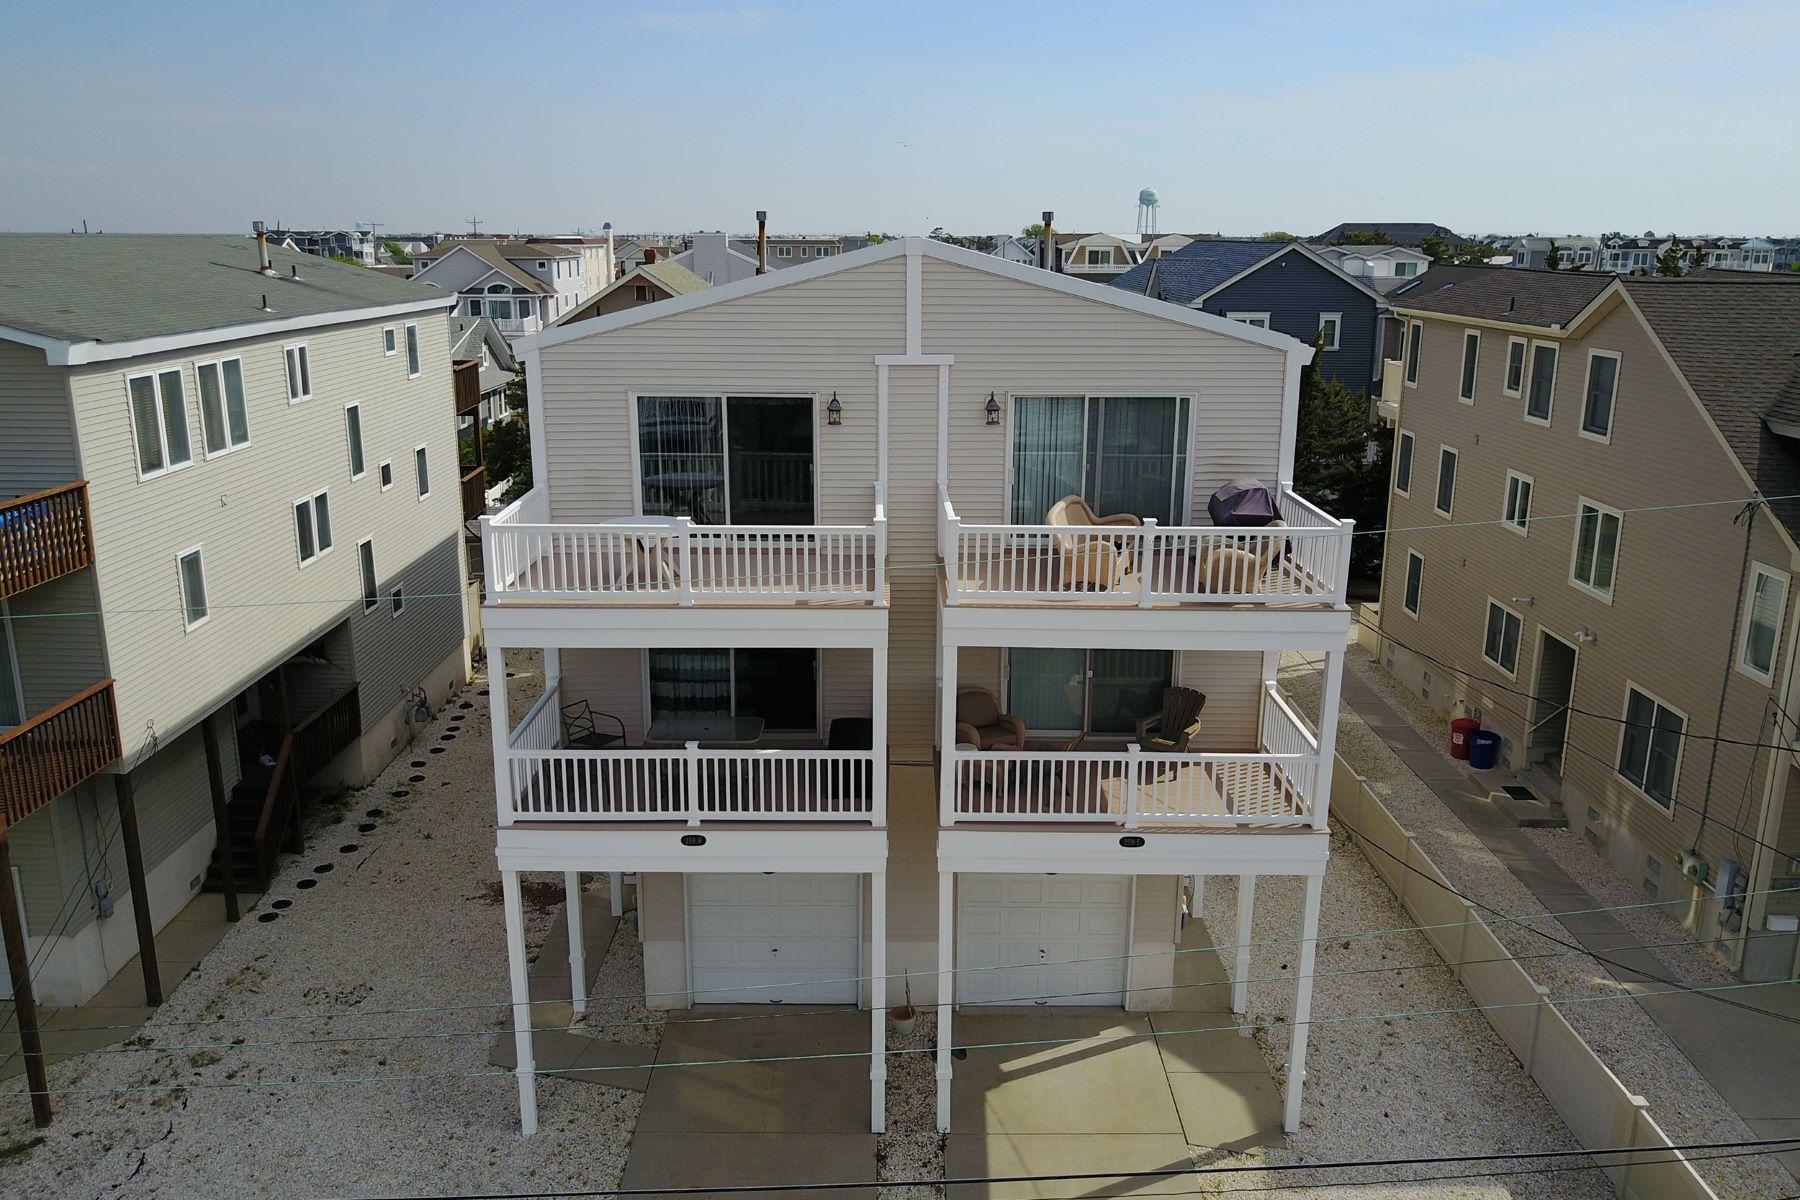 Таунхаус для того Продажа на Downtown Beach Townhouse 259 24th Street Avalon, Нью-Джерси 08202 Соединенные Штаты